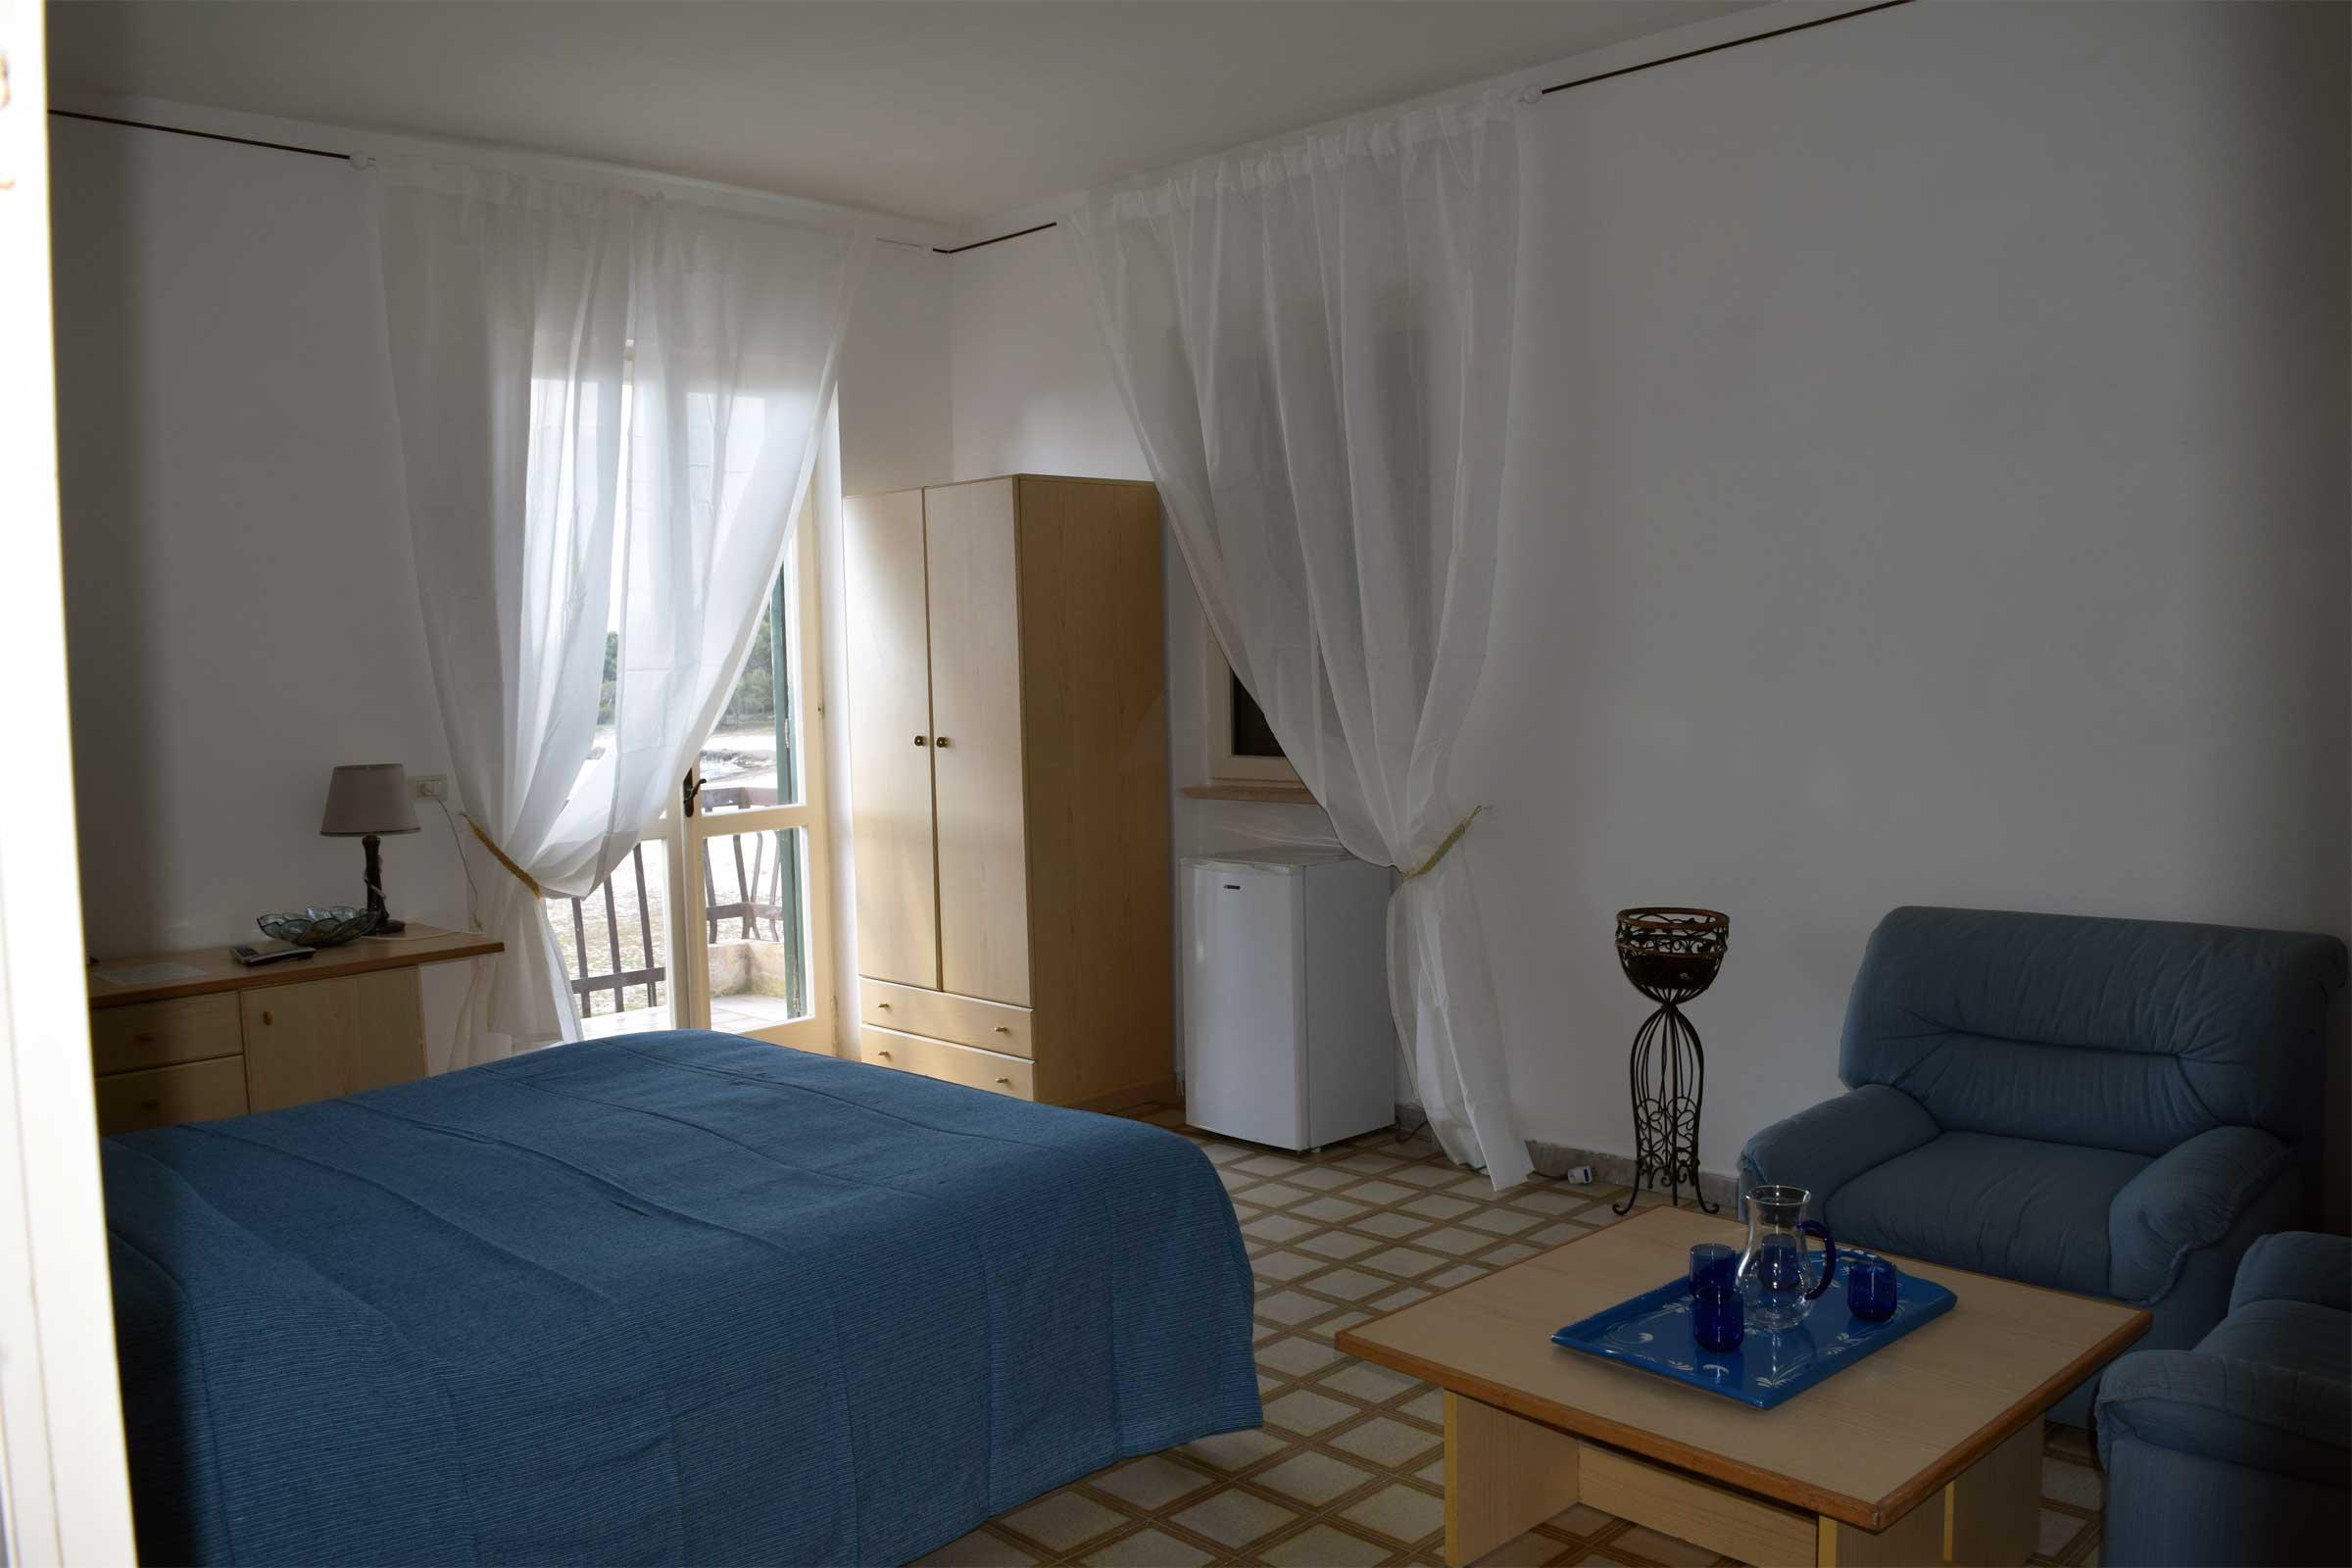 Bed And Breakfast Agapimare camera vista mare Gallipoli Salento